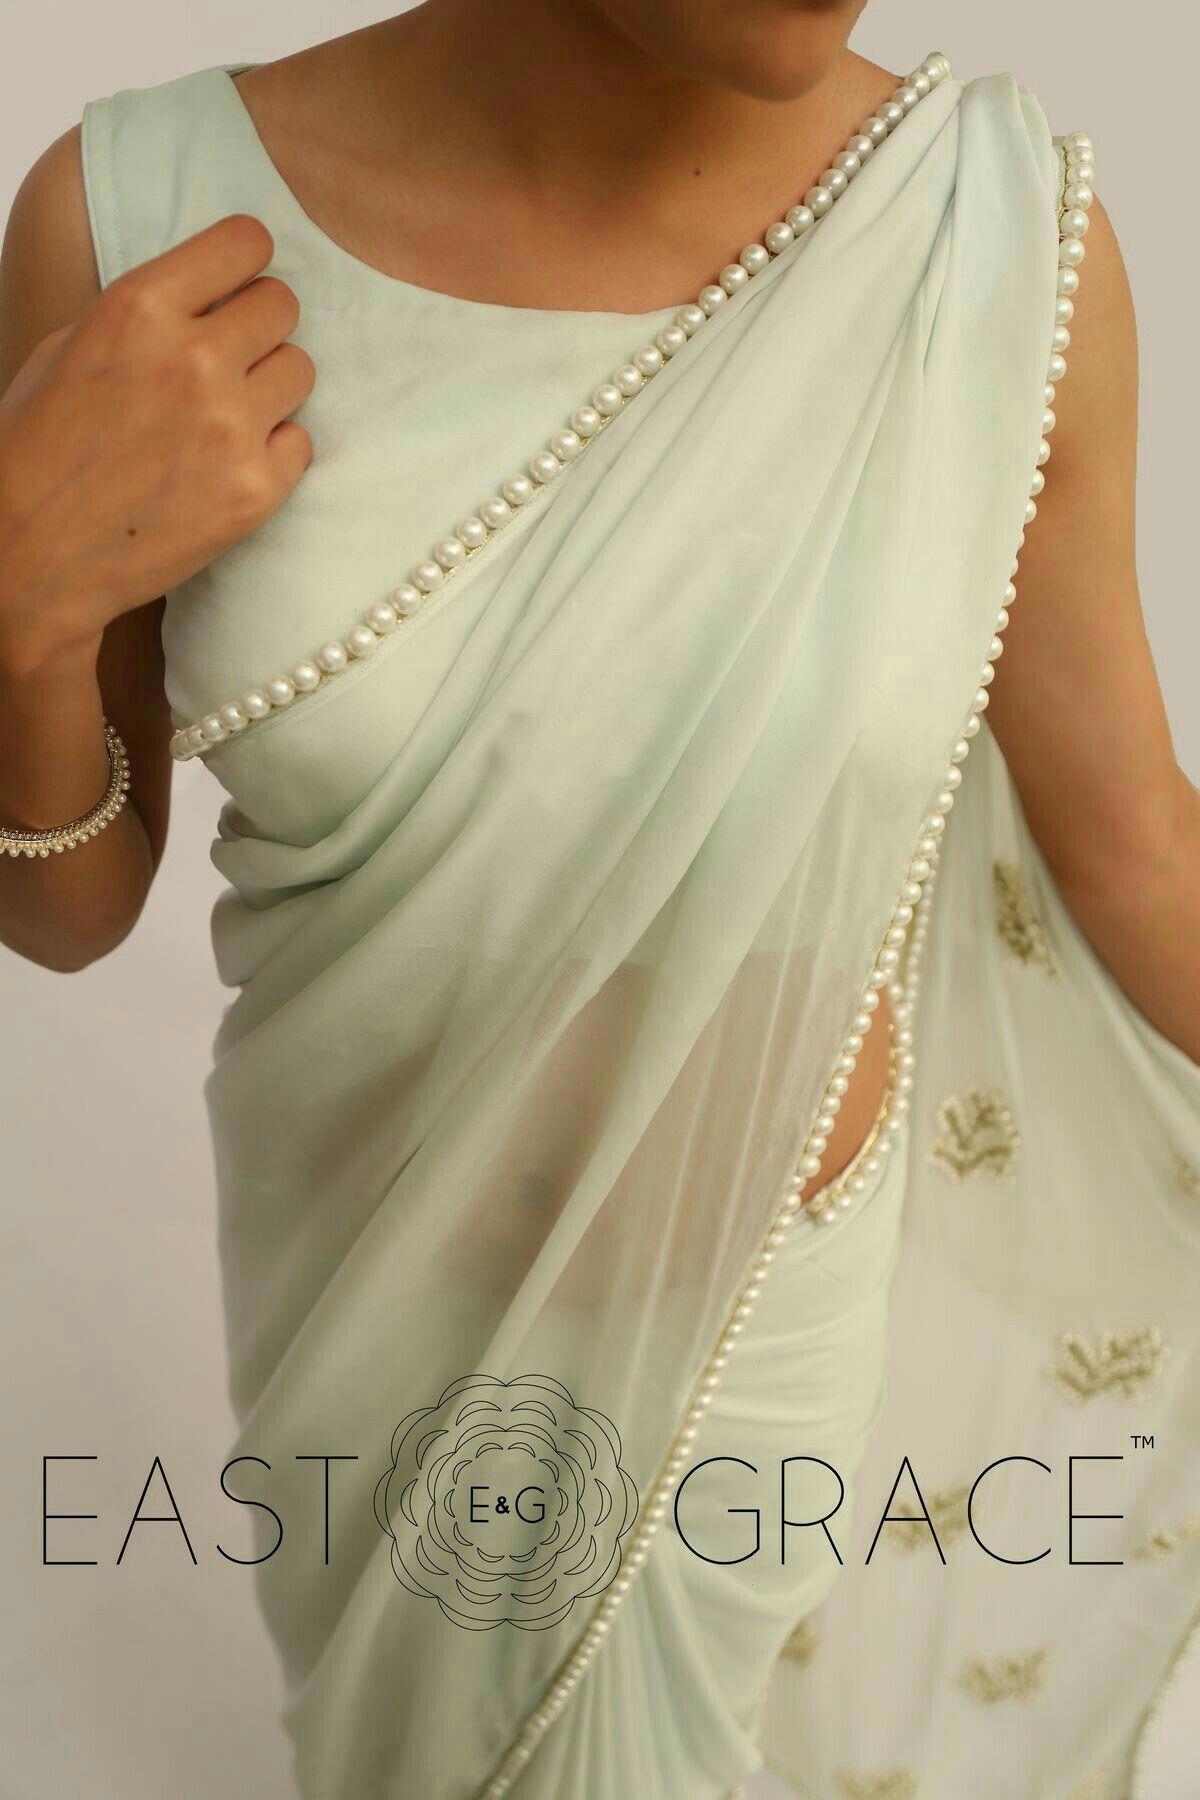 Saree blouse design for chiffon saree pin by priyanka harripersad on saris  pinterest  saree blouse